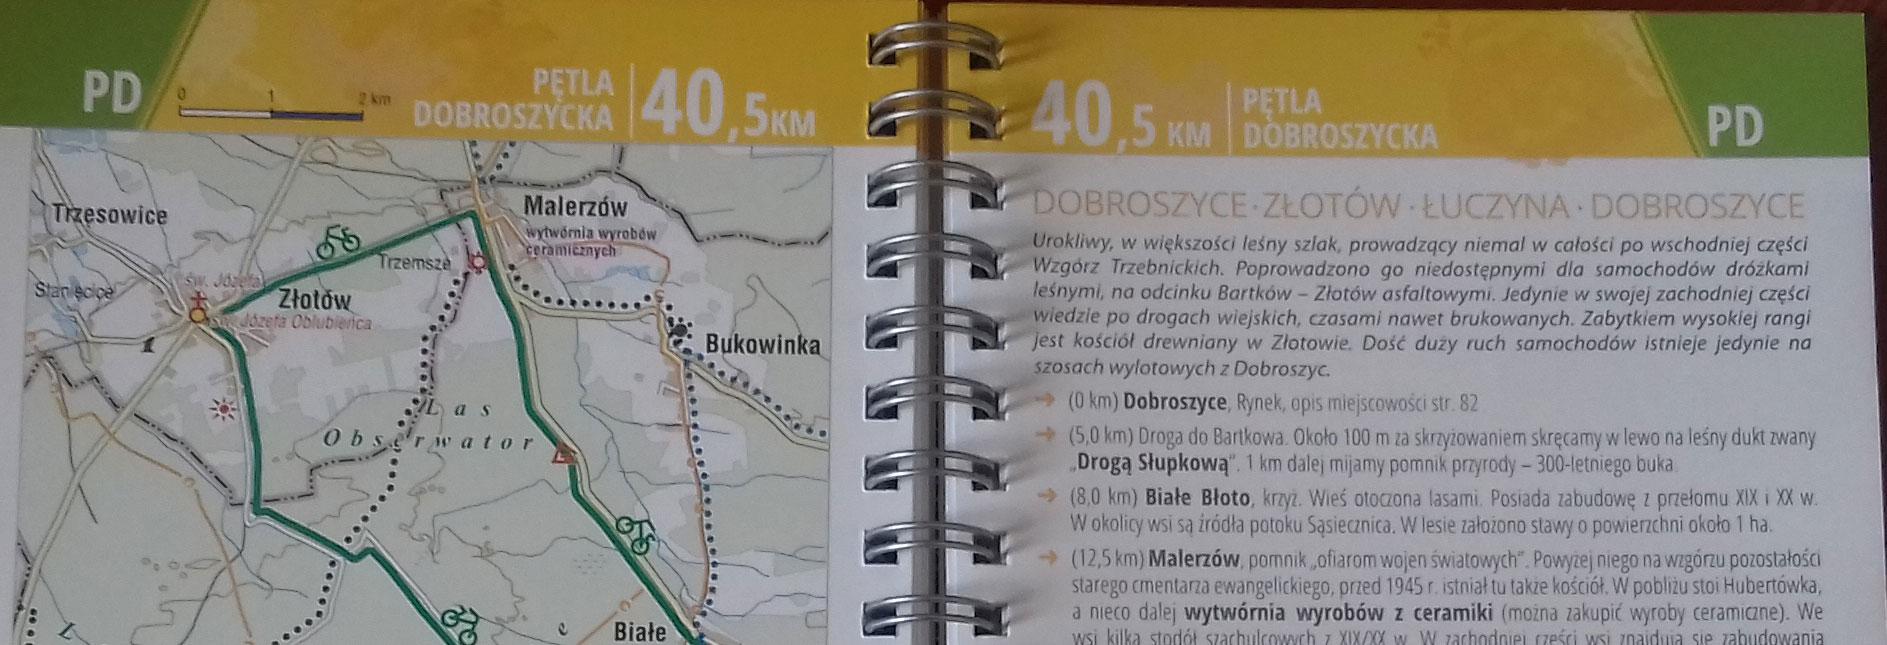 Przewodnik Stowarzyszenia Wzgórz Trzebnickich i Doliny Baryczy